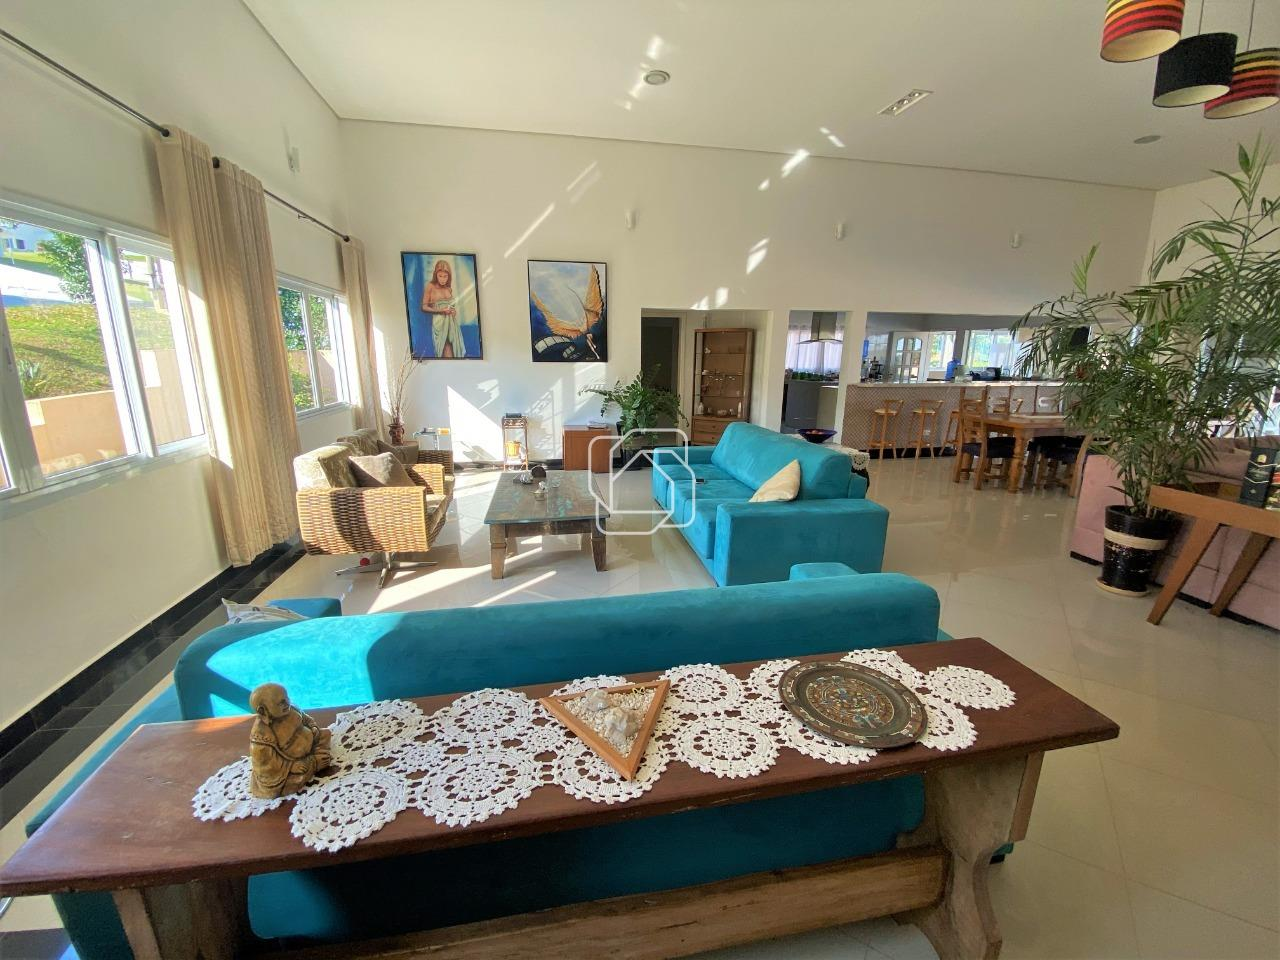 Casa de Condomínio à venda no Condomínio Village Castelo: Casa à venda no Condomínio Village Castelo - Itu/SP